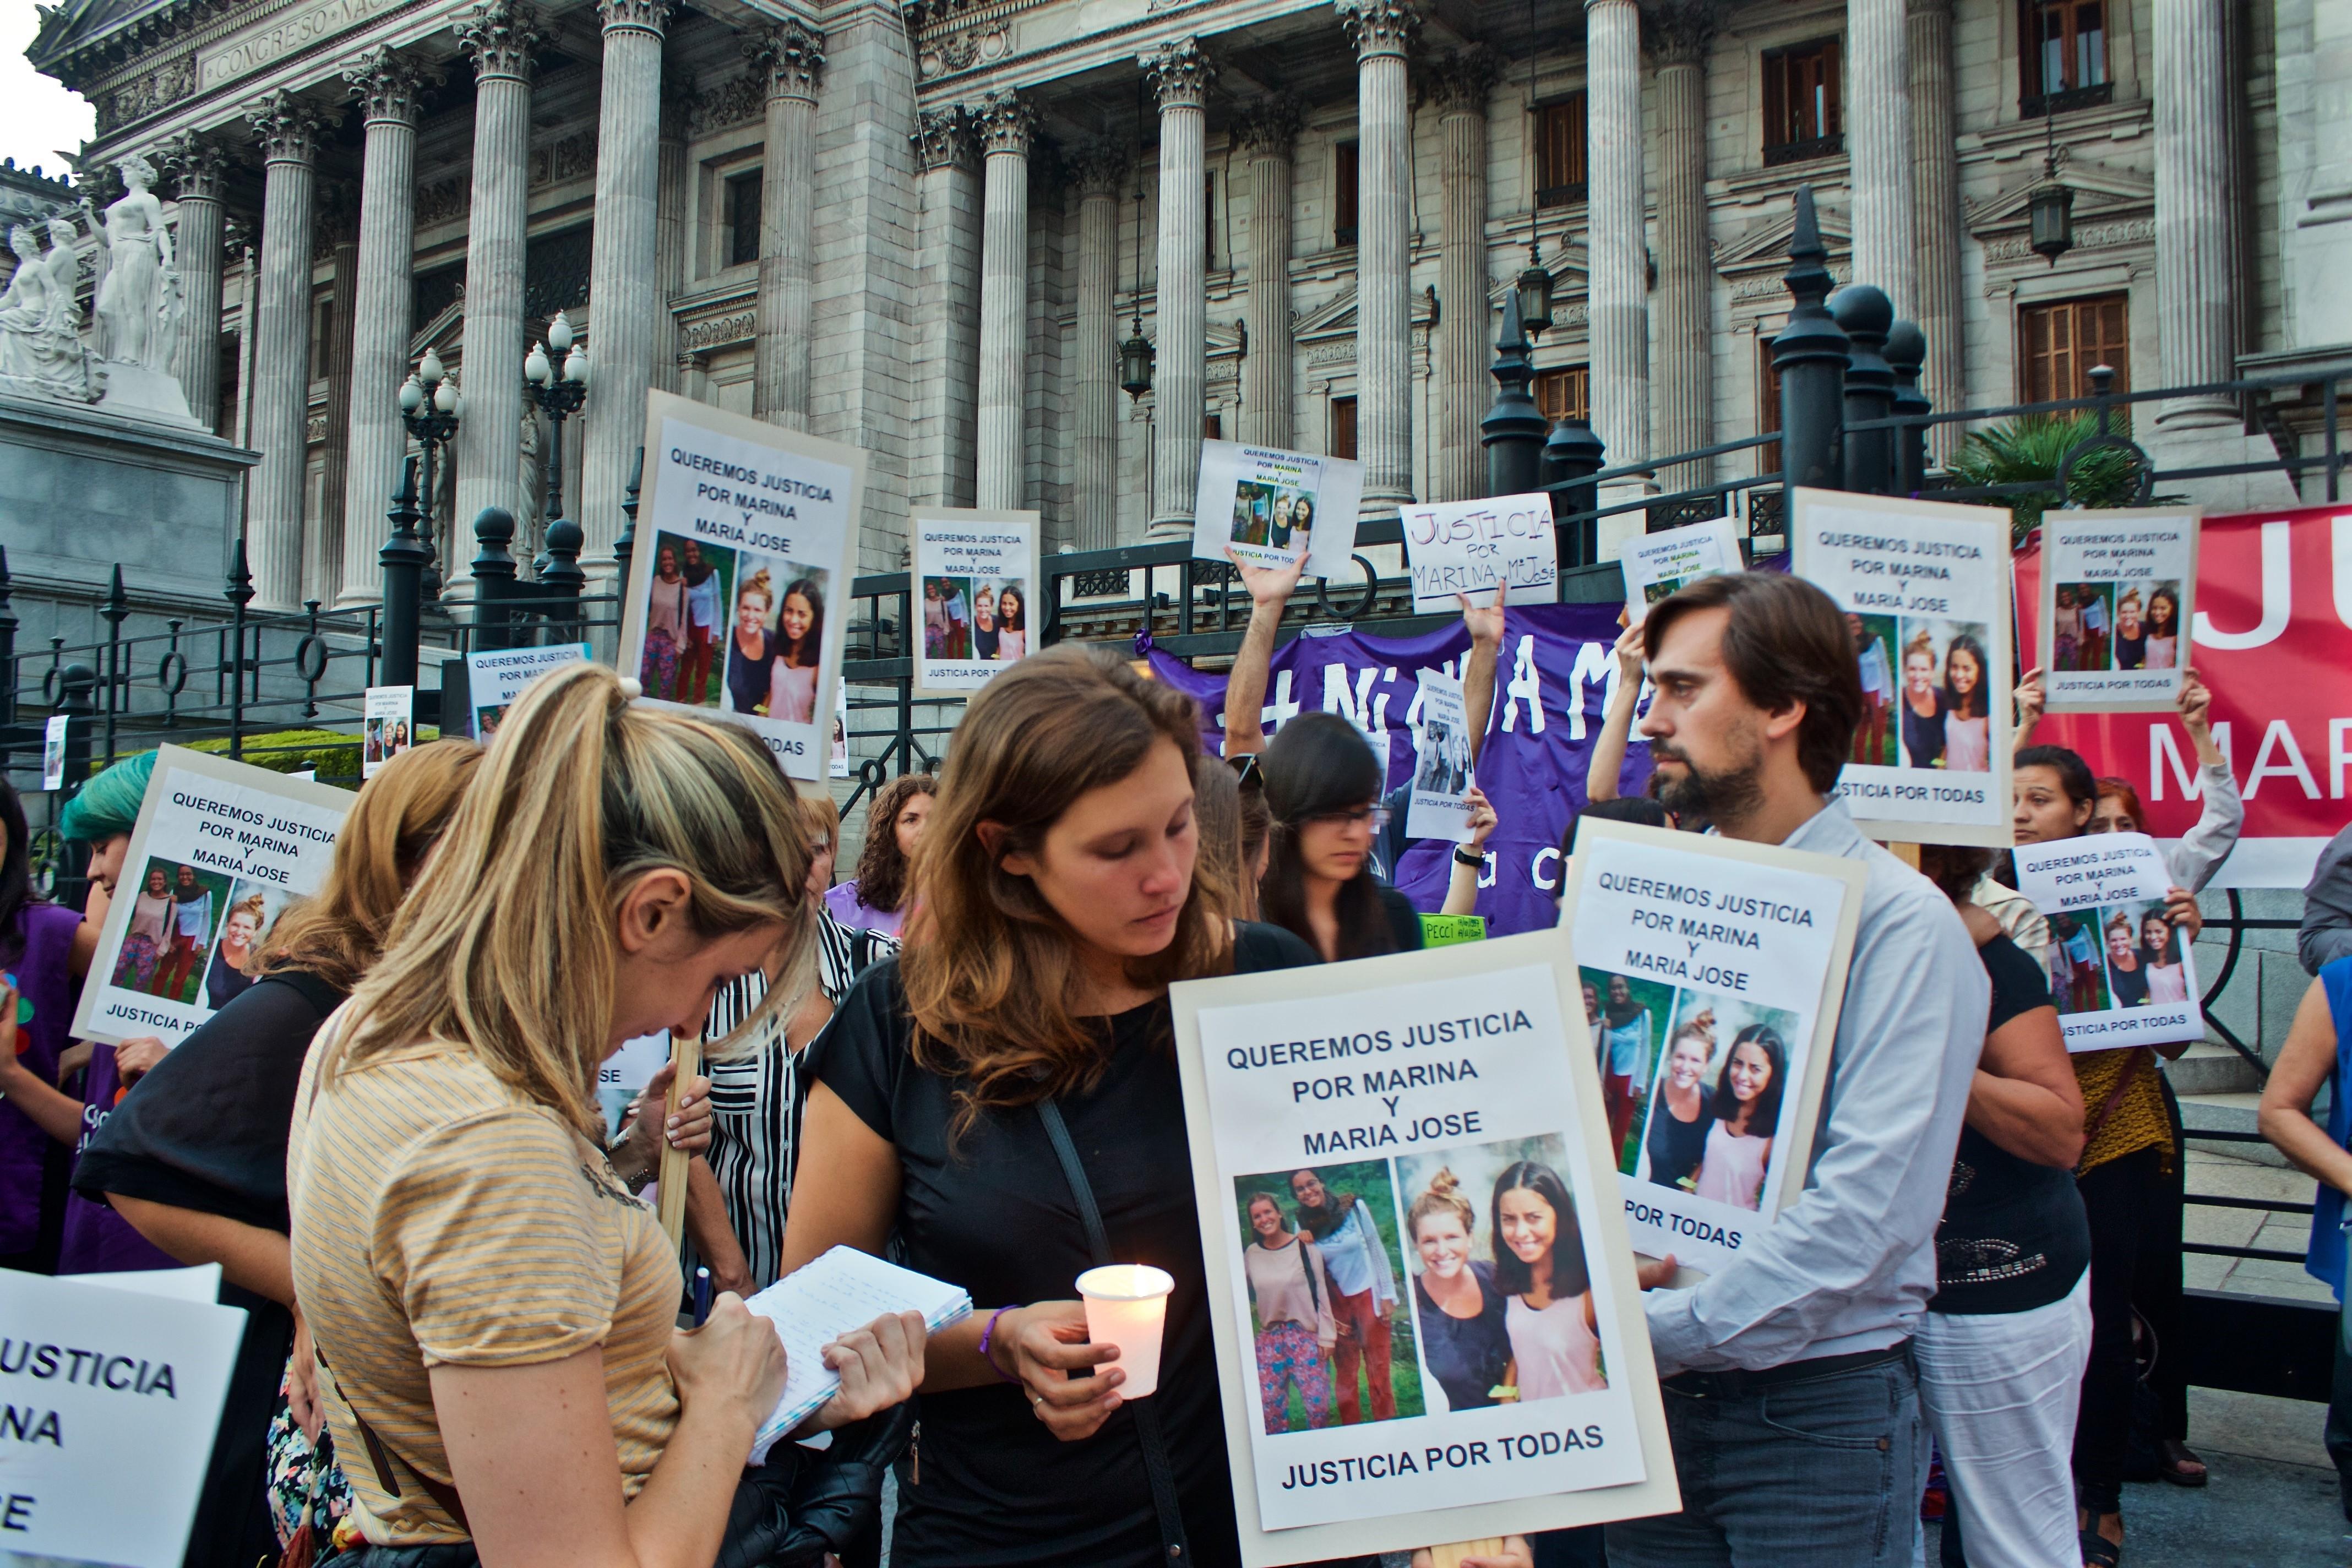 Vanesa Lijdens, cousine de l'une des victimes, interrogée par une journaliste locale, lors du rassemblement en hommage aux deux jeunes femmes organisé le 8 mars 2016. Crédits photo : Justine Perez.